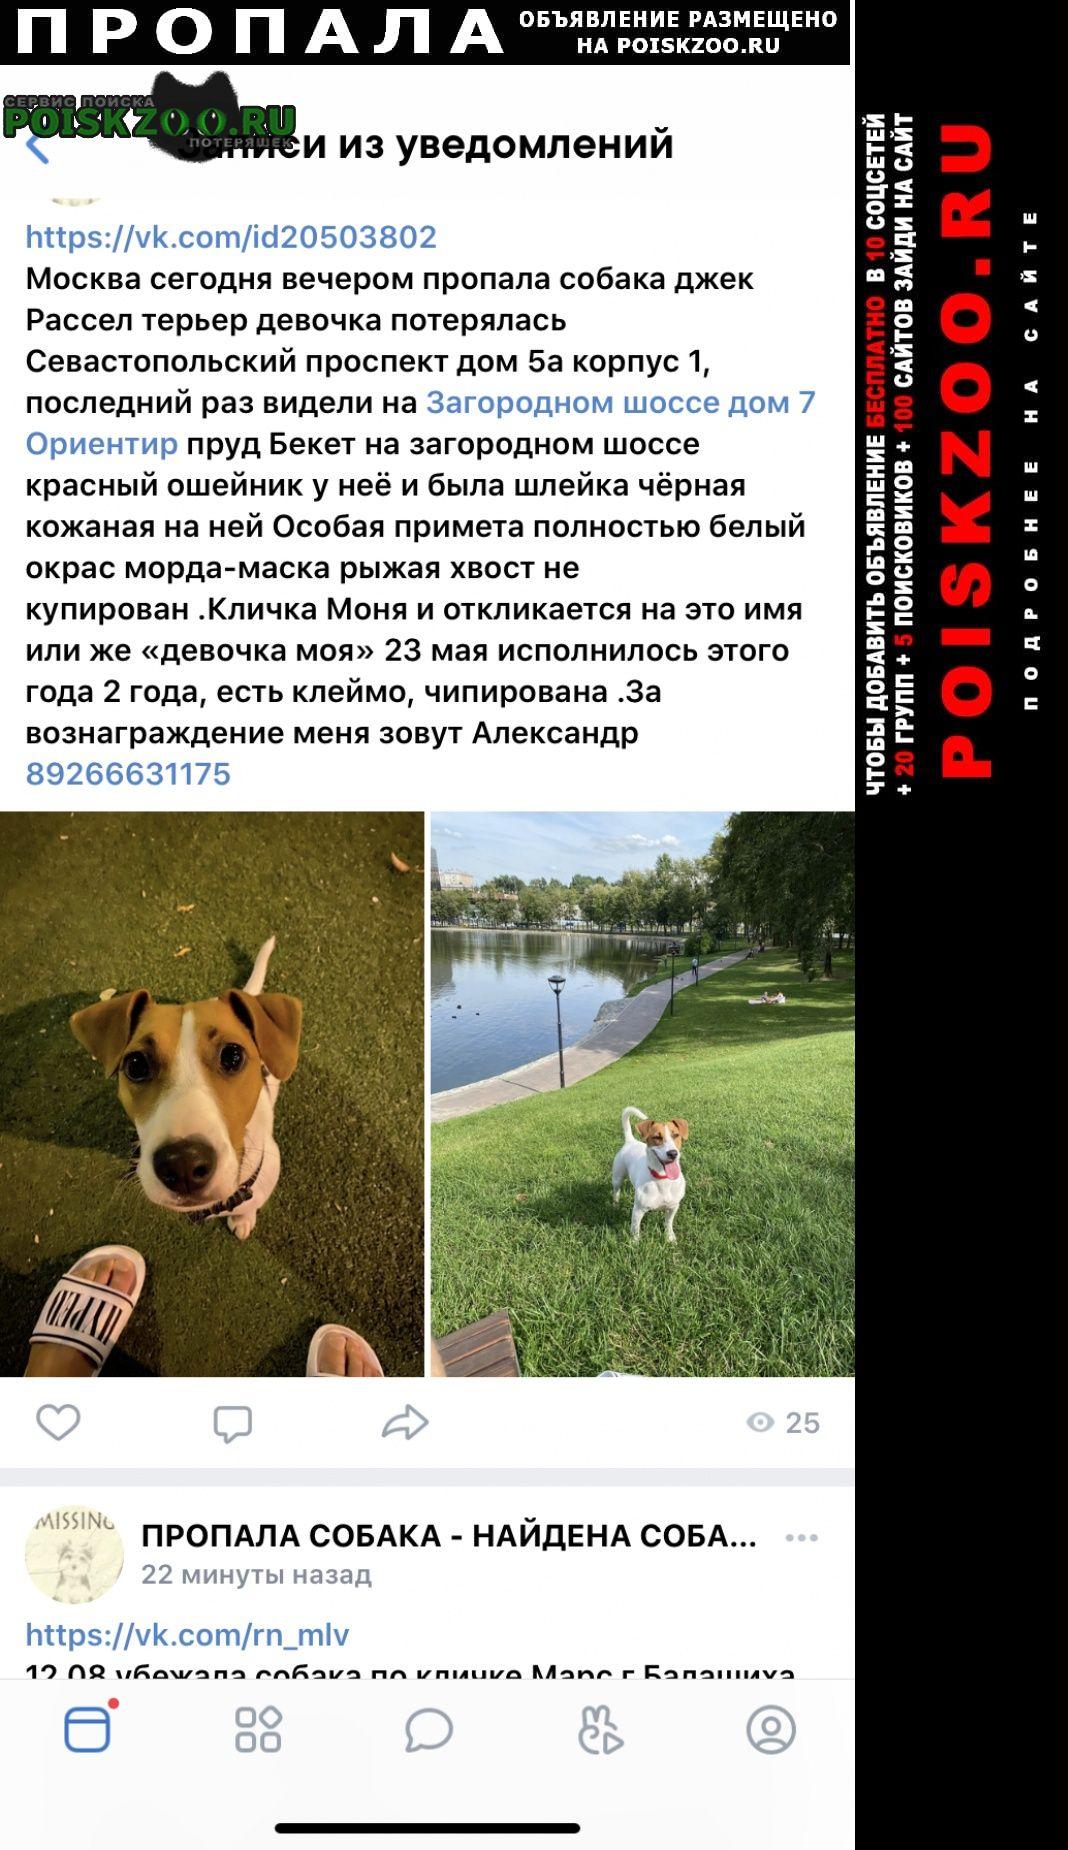 Пропала собака потерялась наша любимица домашняя Москва